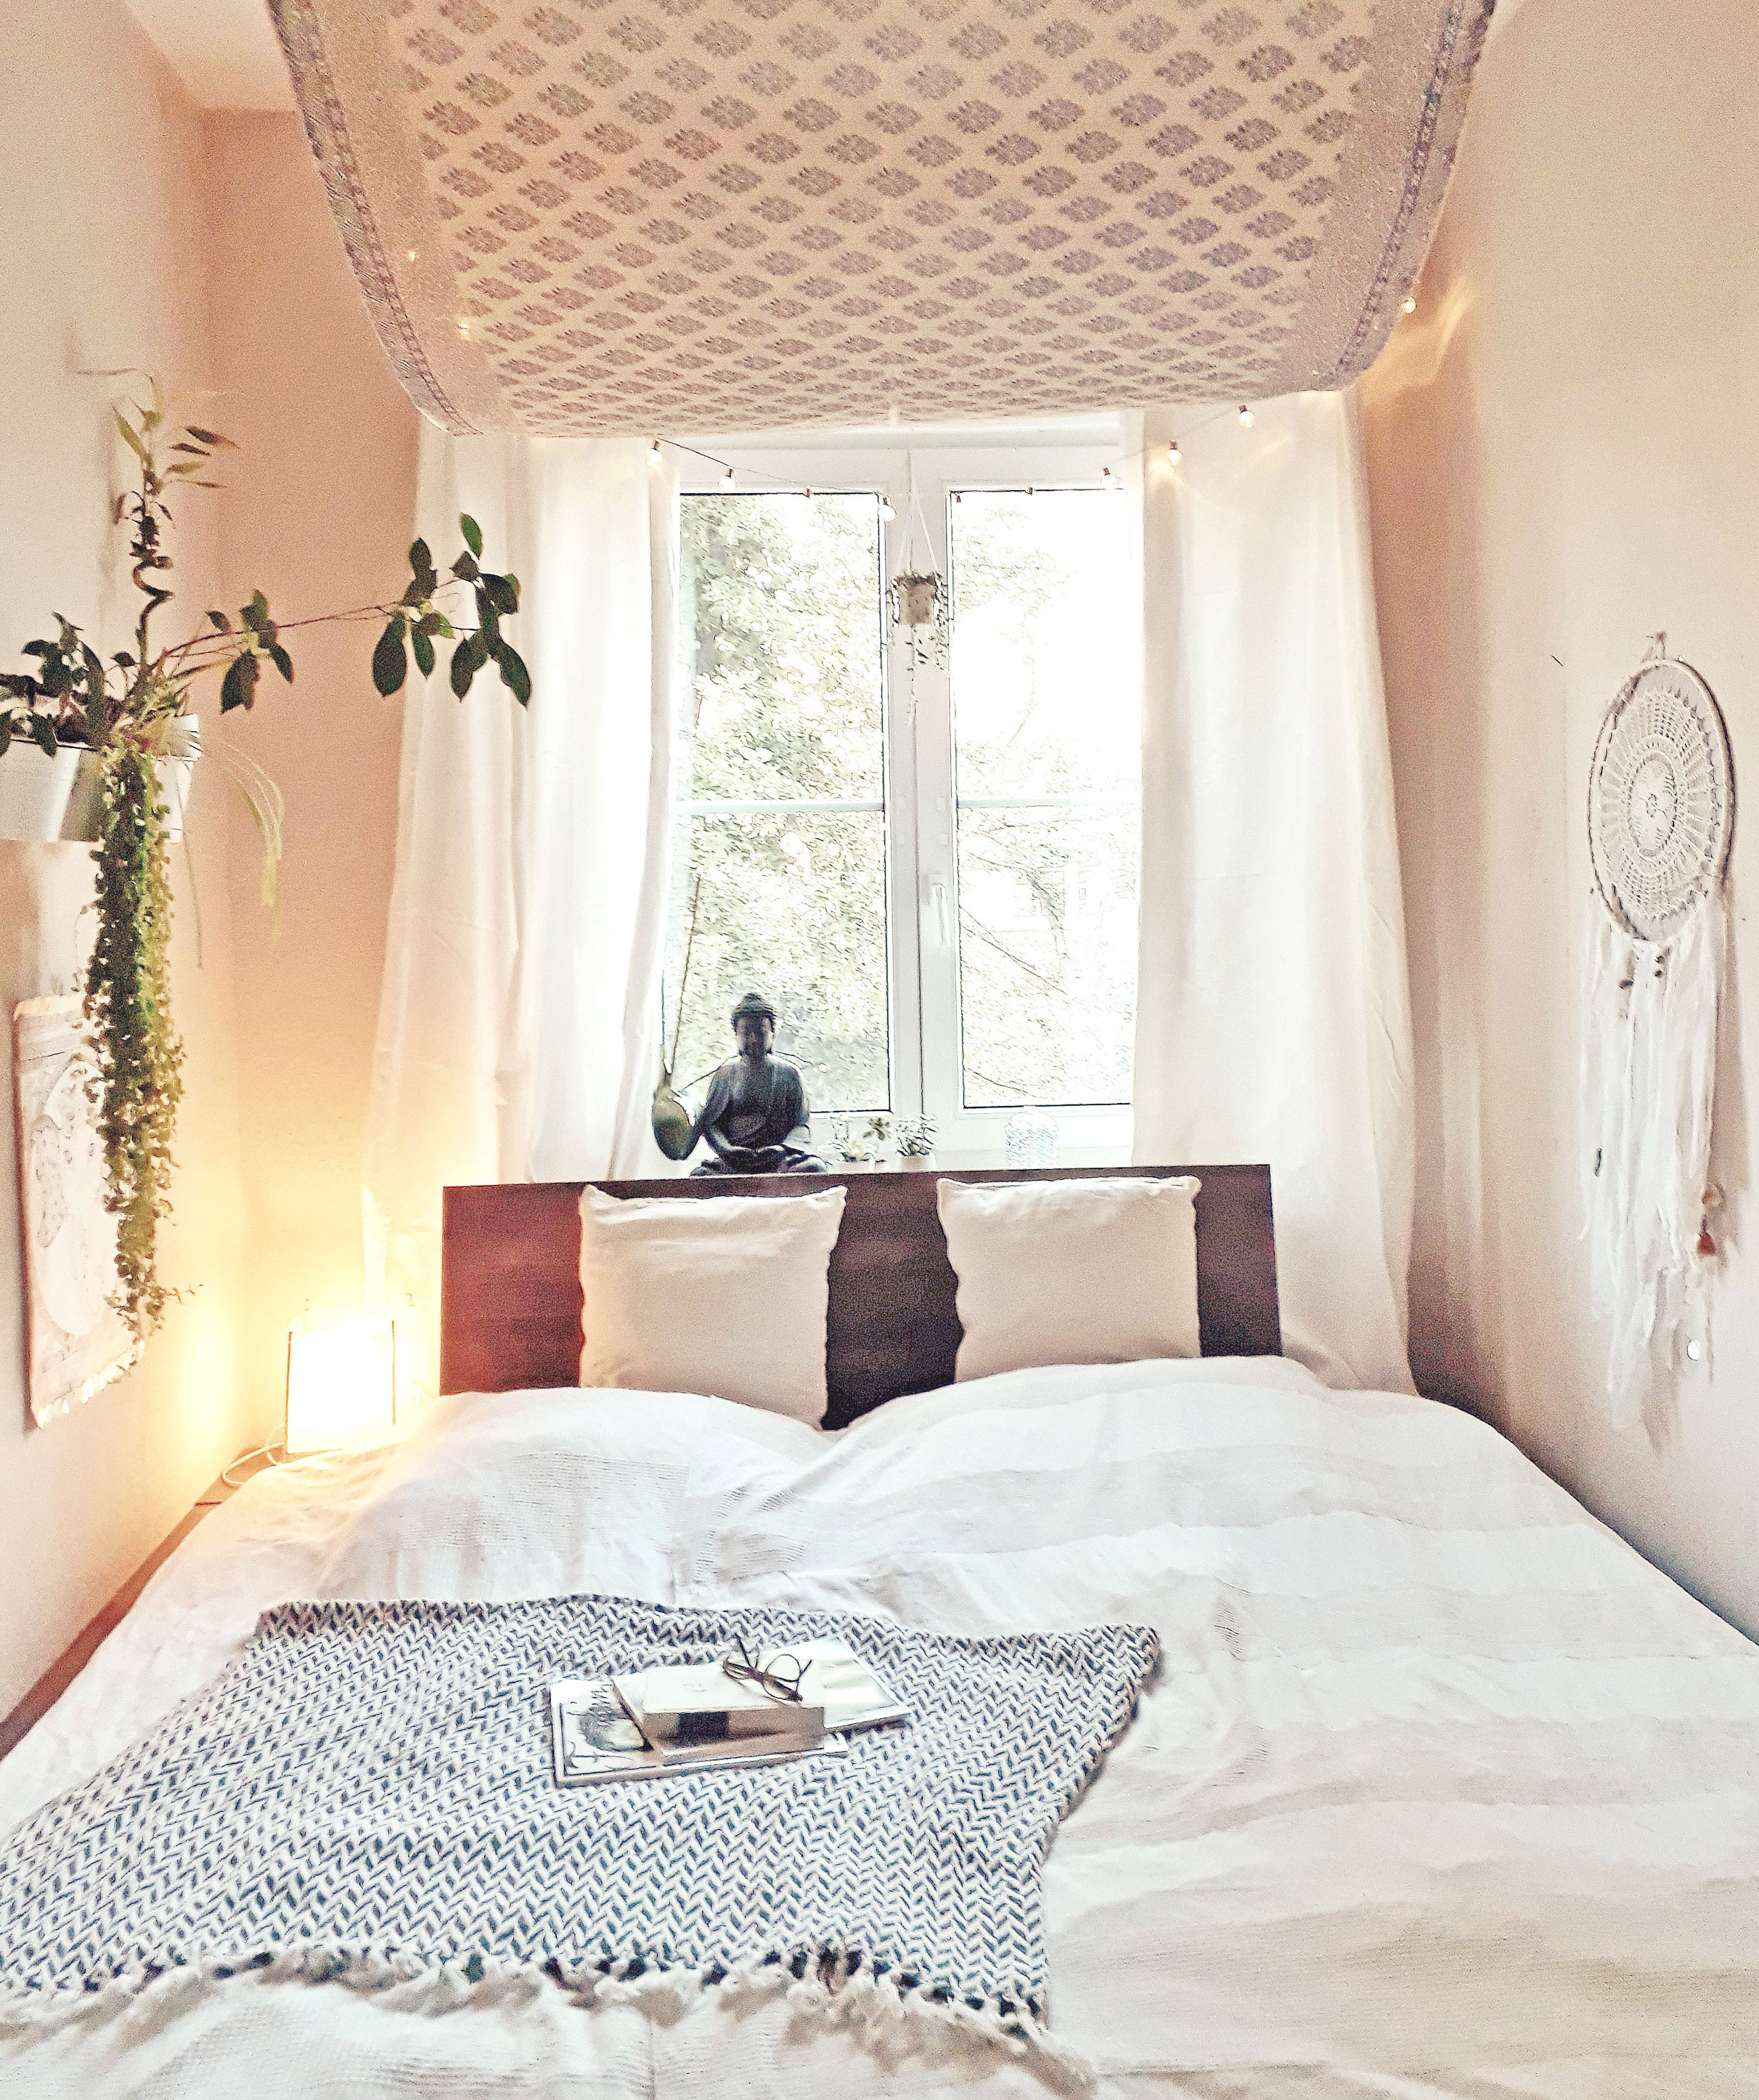 Himmelbett selber machen – Schlafzimmer in eine Wohlfühloase verwandeln